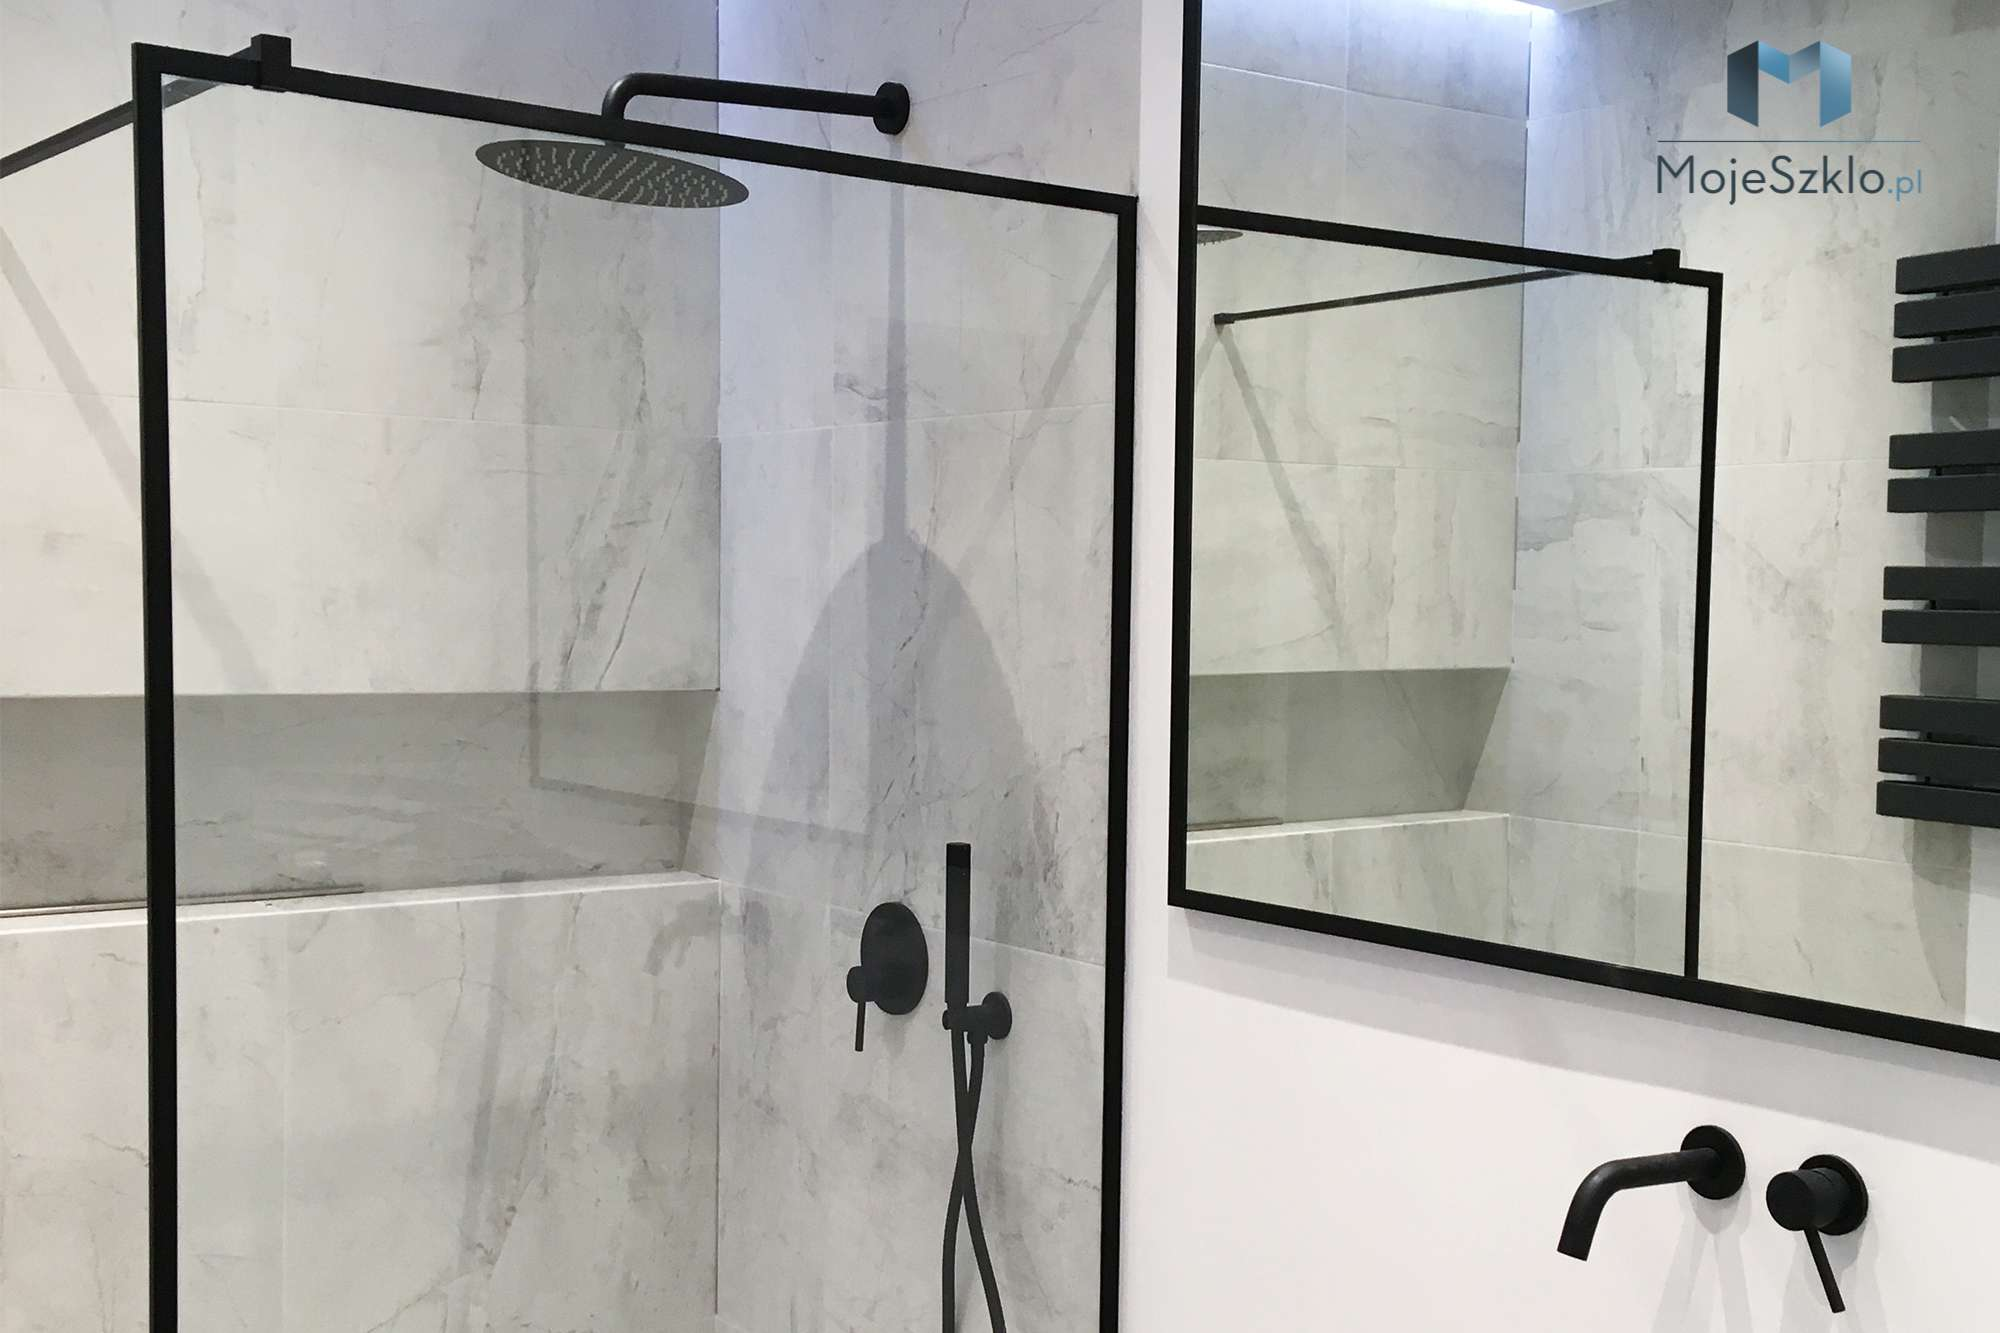 Kabina Prysznicowa W Czarnej Ramie - Kolorowe szkło (Lacobel) w łazience